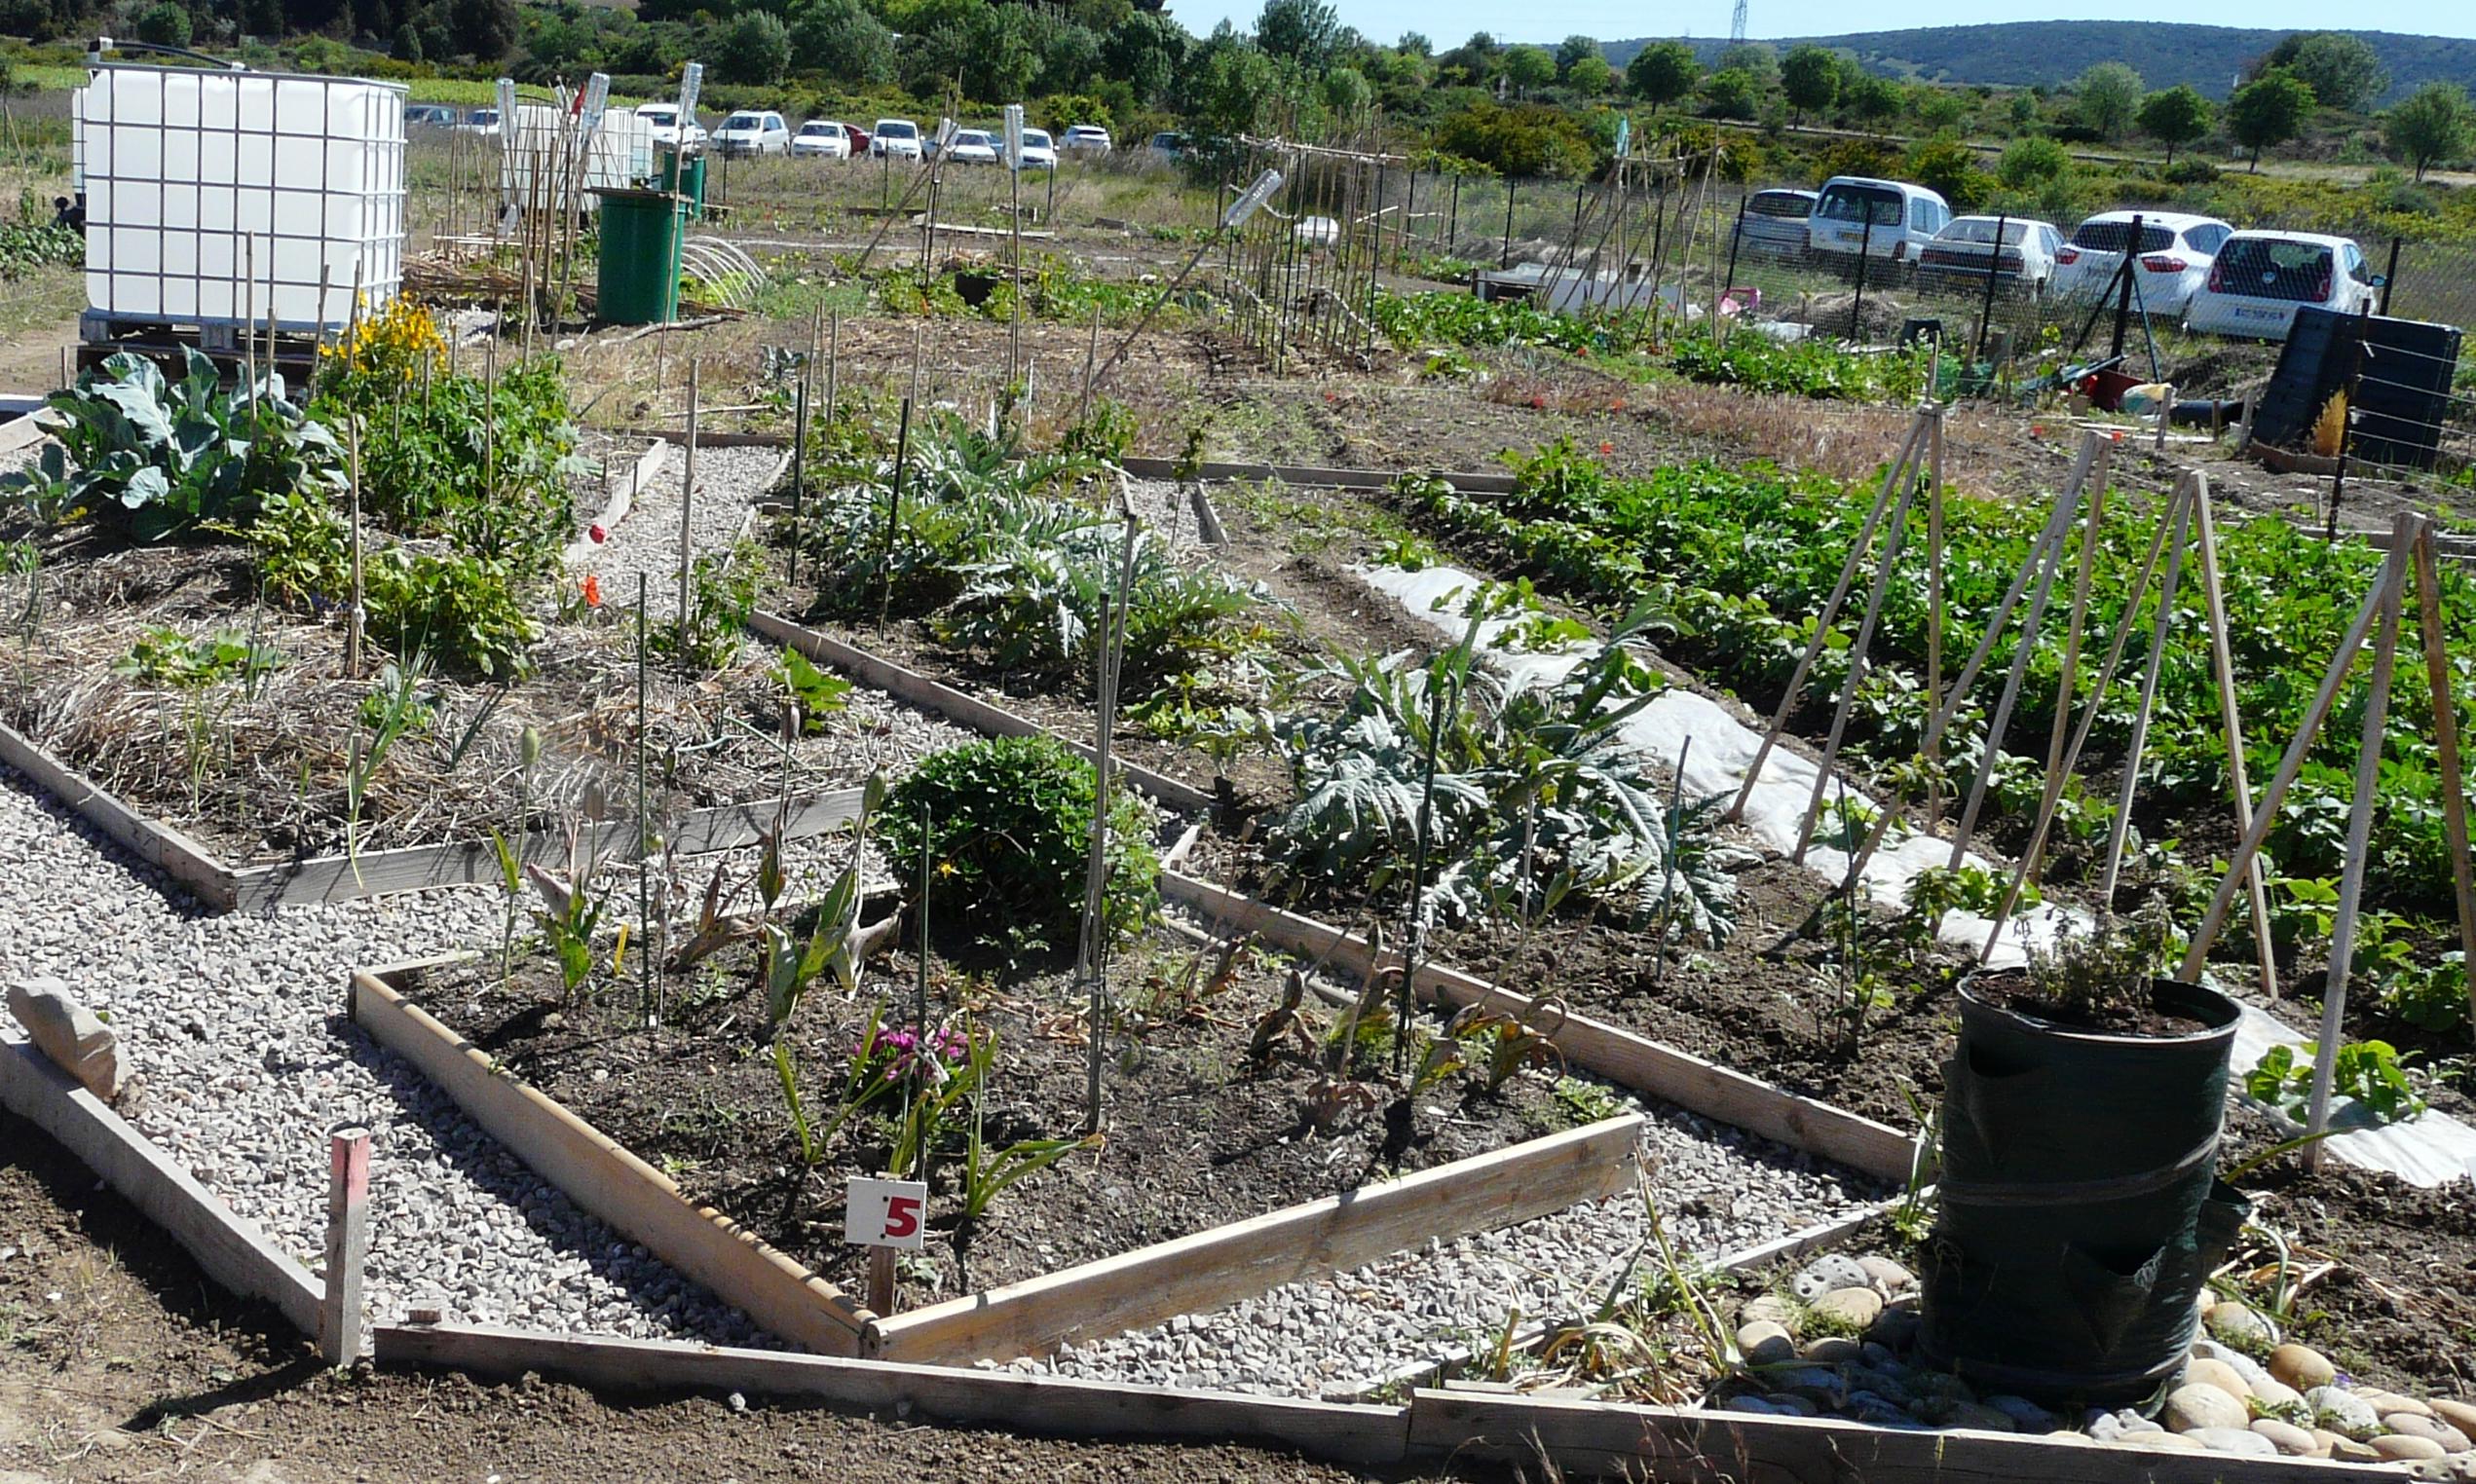 Une inauguration pour des jardins qui ont vite pouss for Terrain olivet